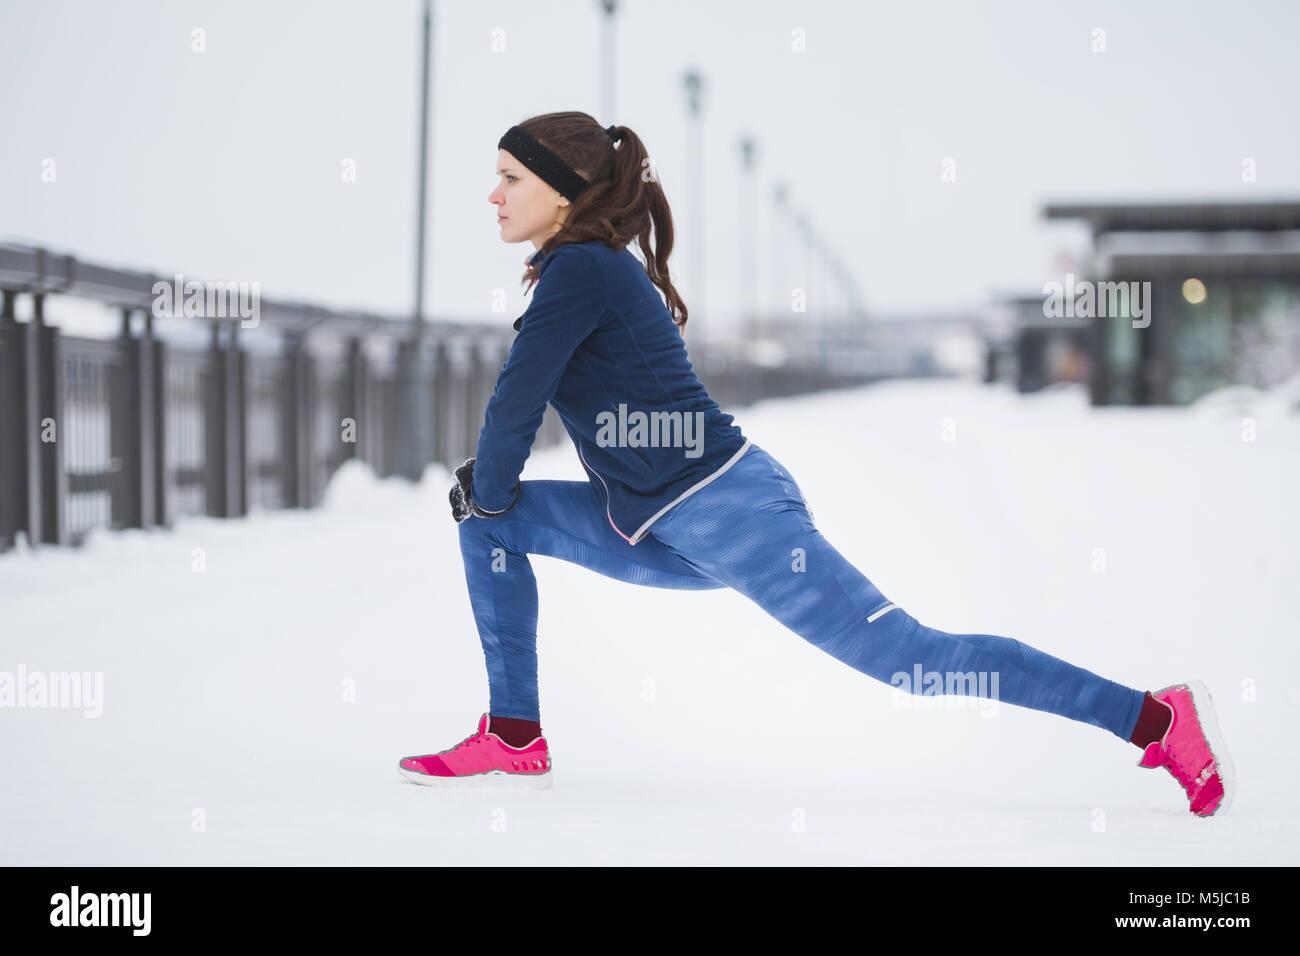 Mujer joven corredor haciendo ejercicios de flexibilidad para las piernas antes de ejecutar en la nieve del invierno Imagen De Stock